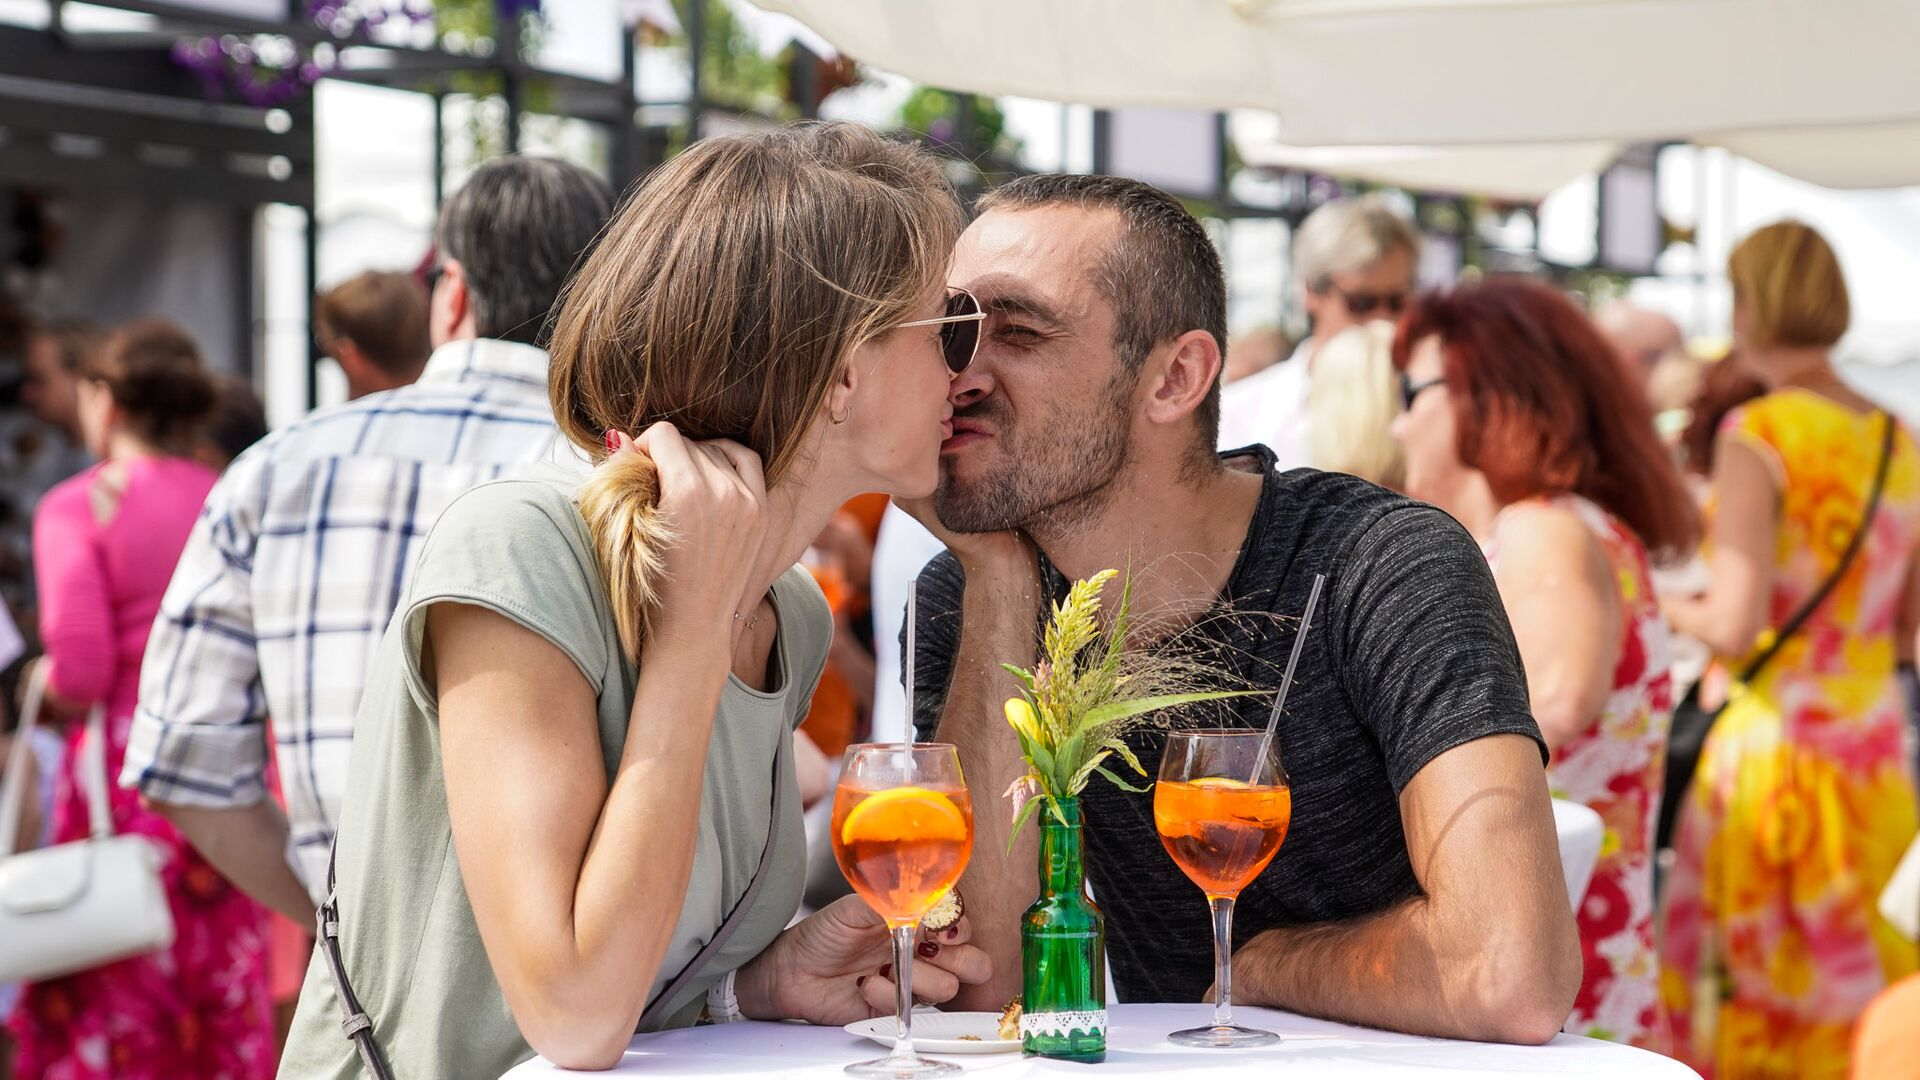 Коктейли рождают романтическое настроение у посетителей Ресторана Праздника Риги - Sputnik Латвия, 1920, 17.06.2021